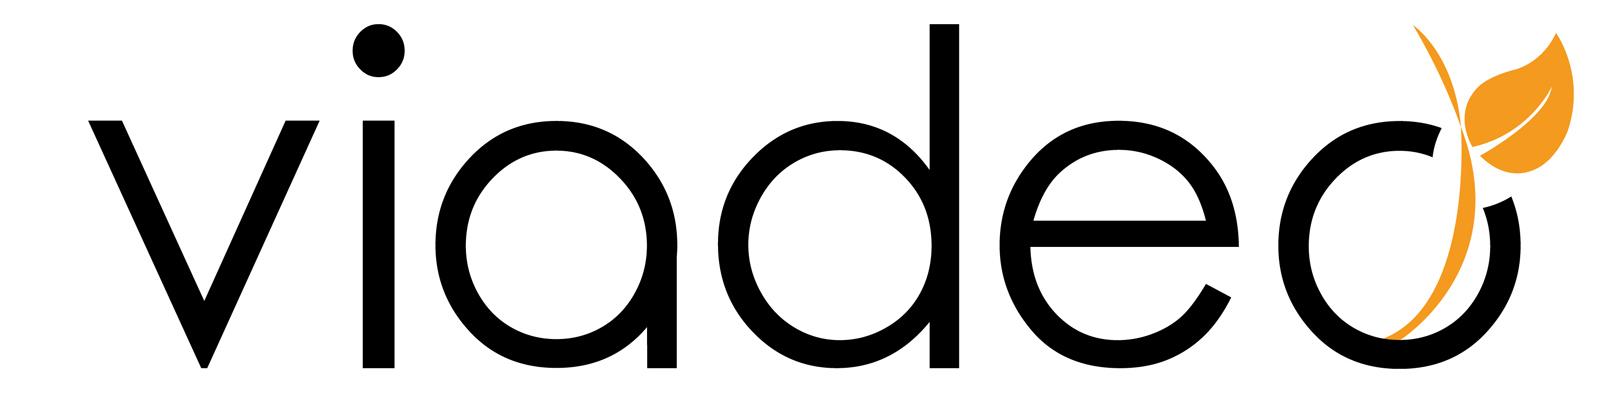 Viadeo logo 300dpi RGB